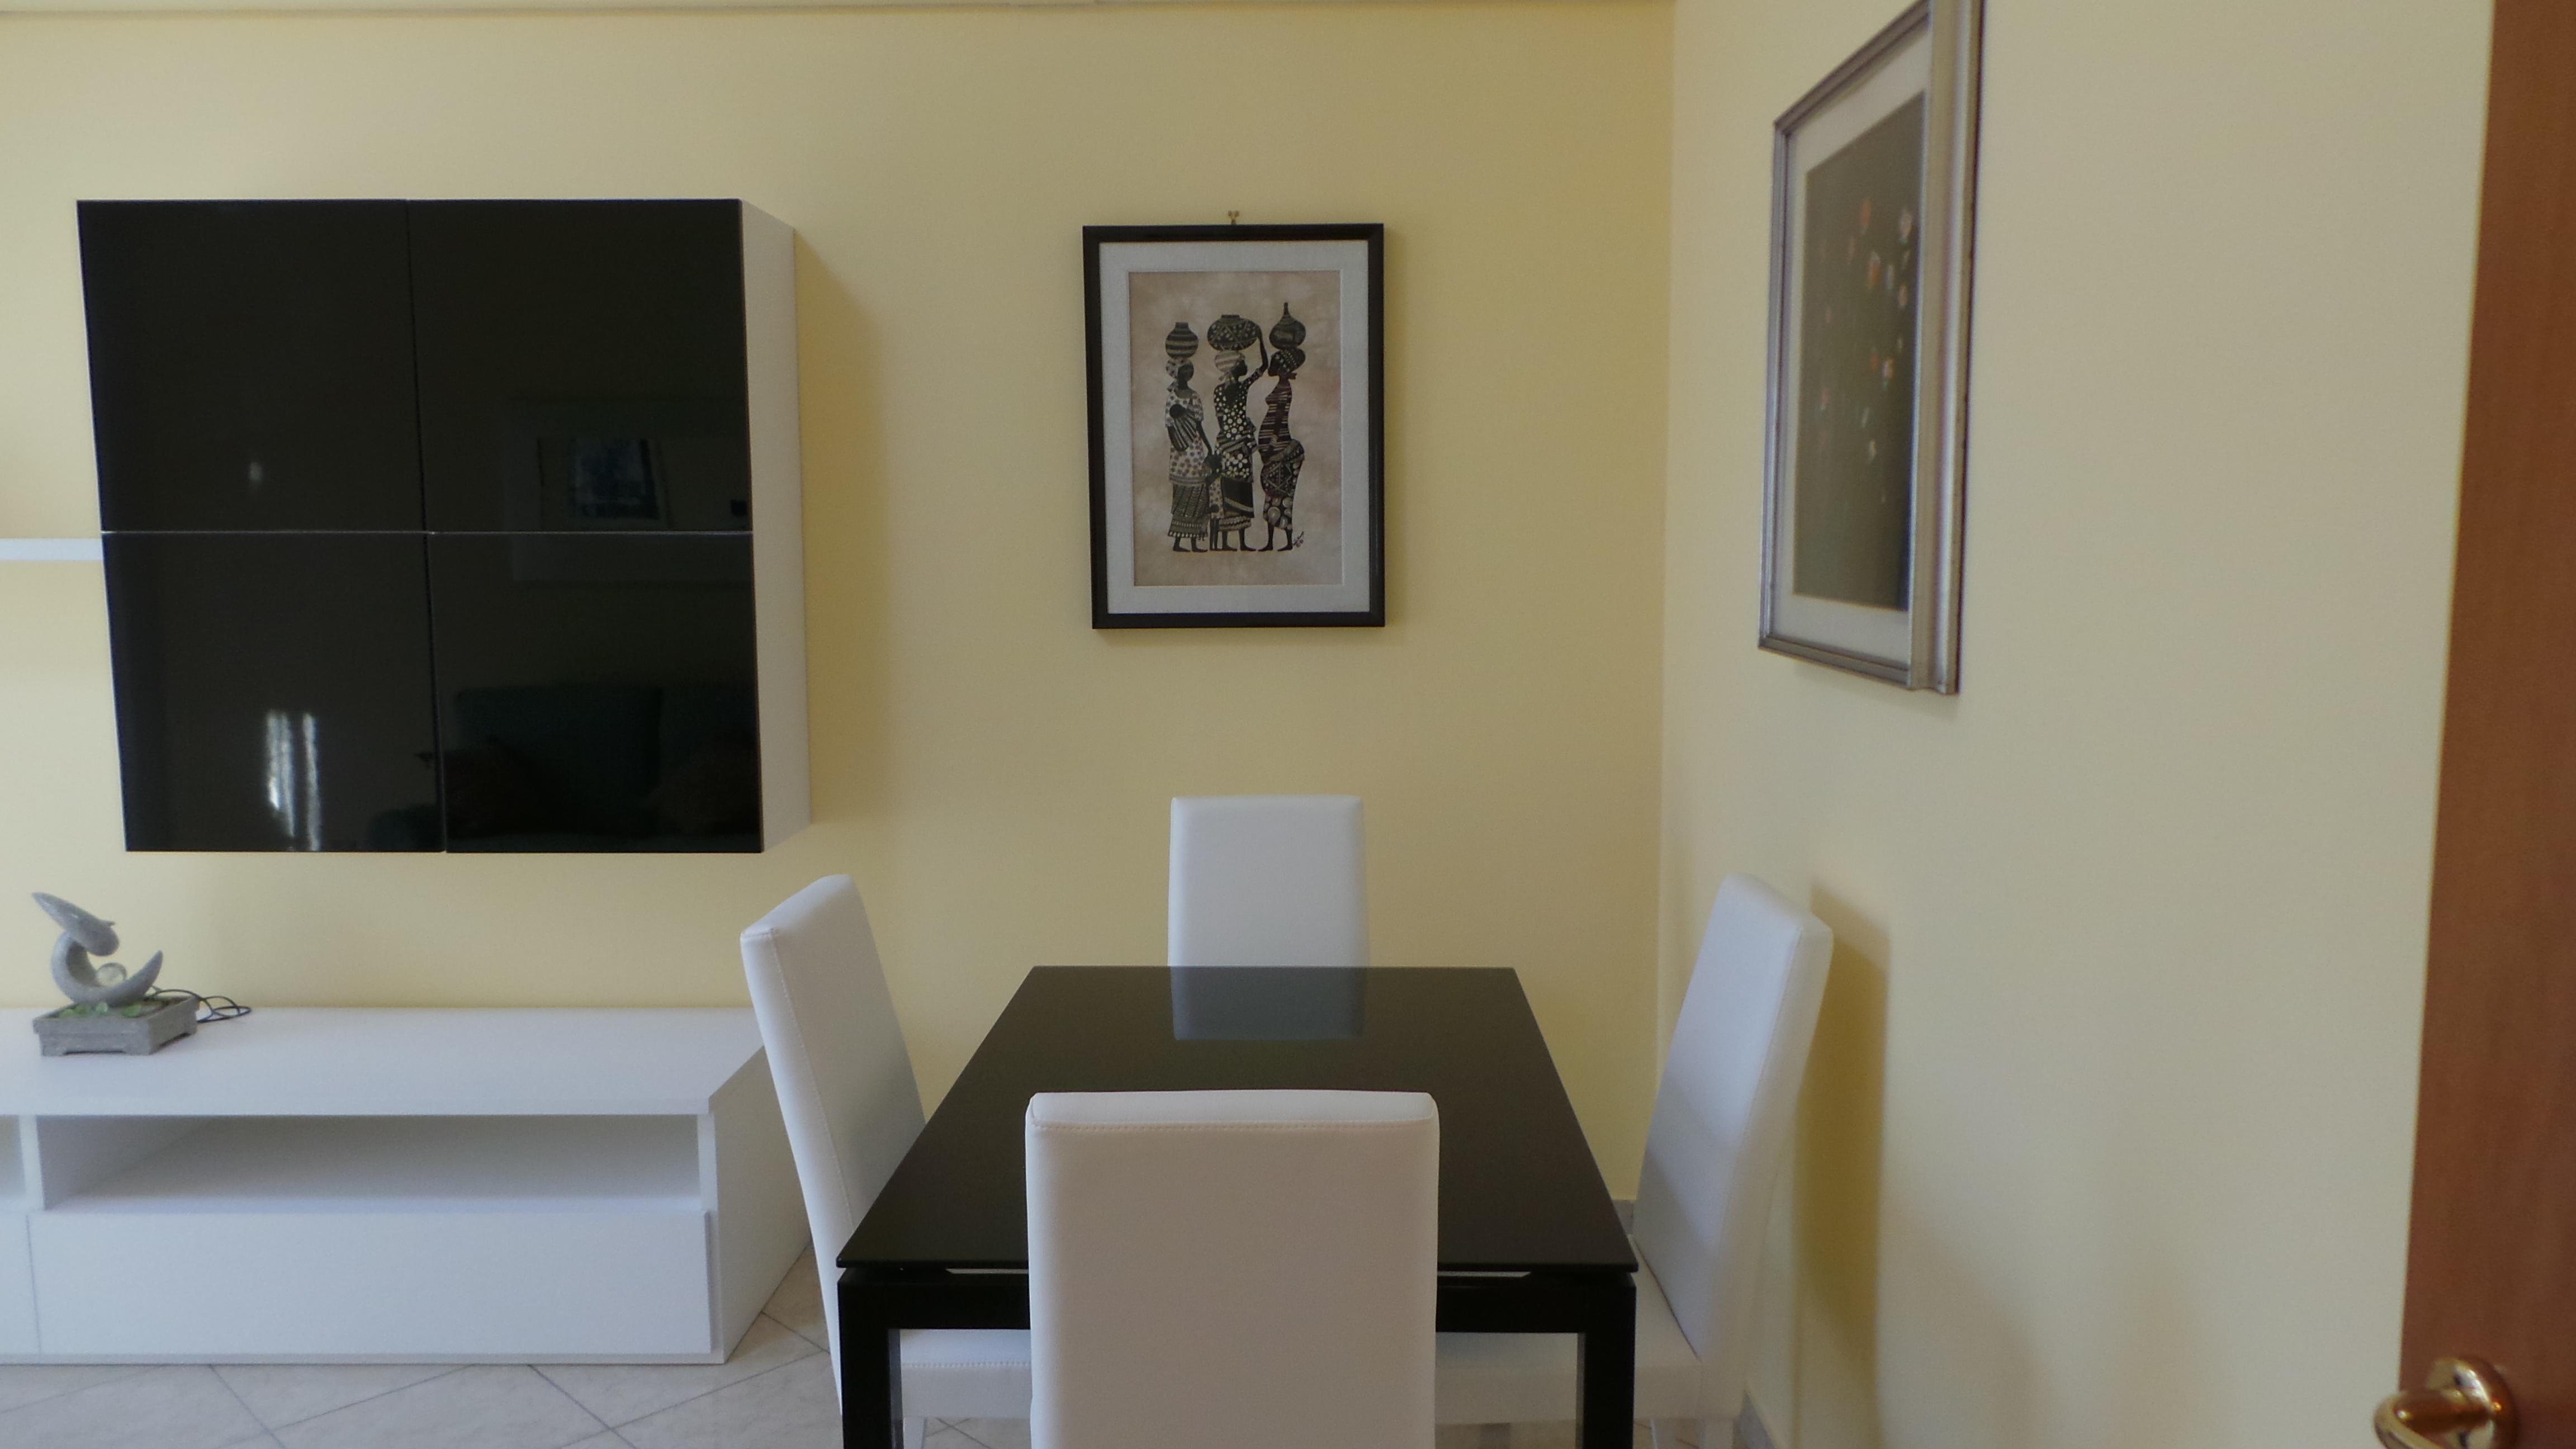 Broker >> OTTIMO 2 LOCALI CON CUCINA ABITABILE In Località Acquedotto #644128 4608 2592 Mattonelle Per Cucina Disegnate